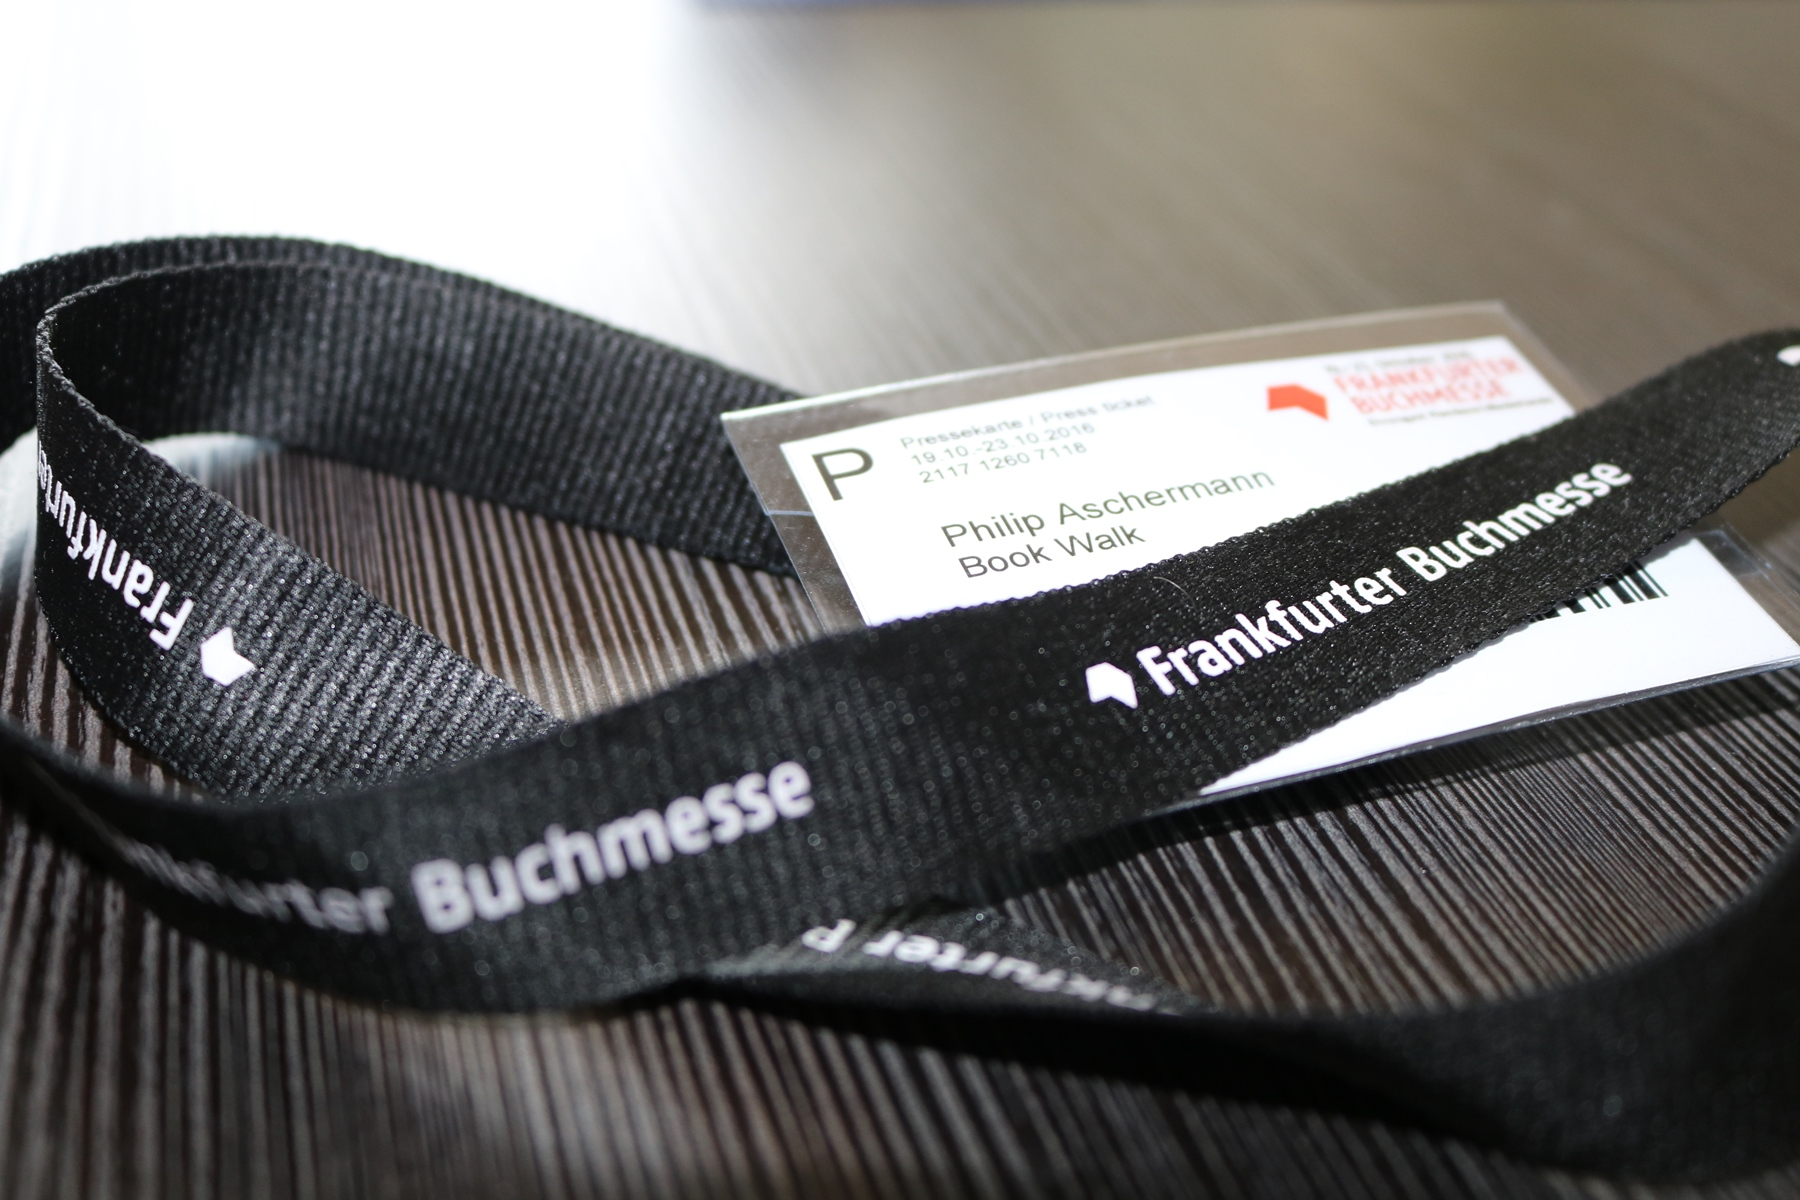 Presseausweis nach der Akkreditierung für die Frankfurter Buchmesse 2016